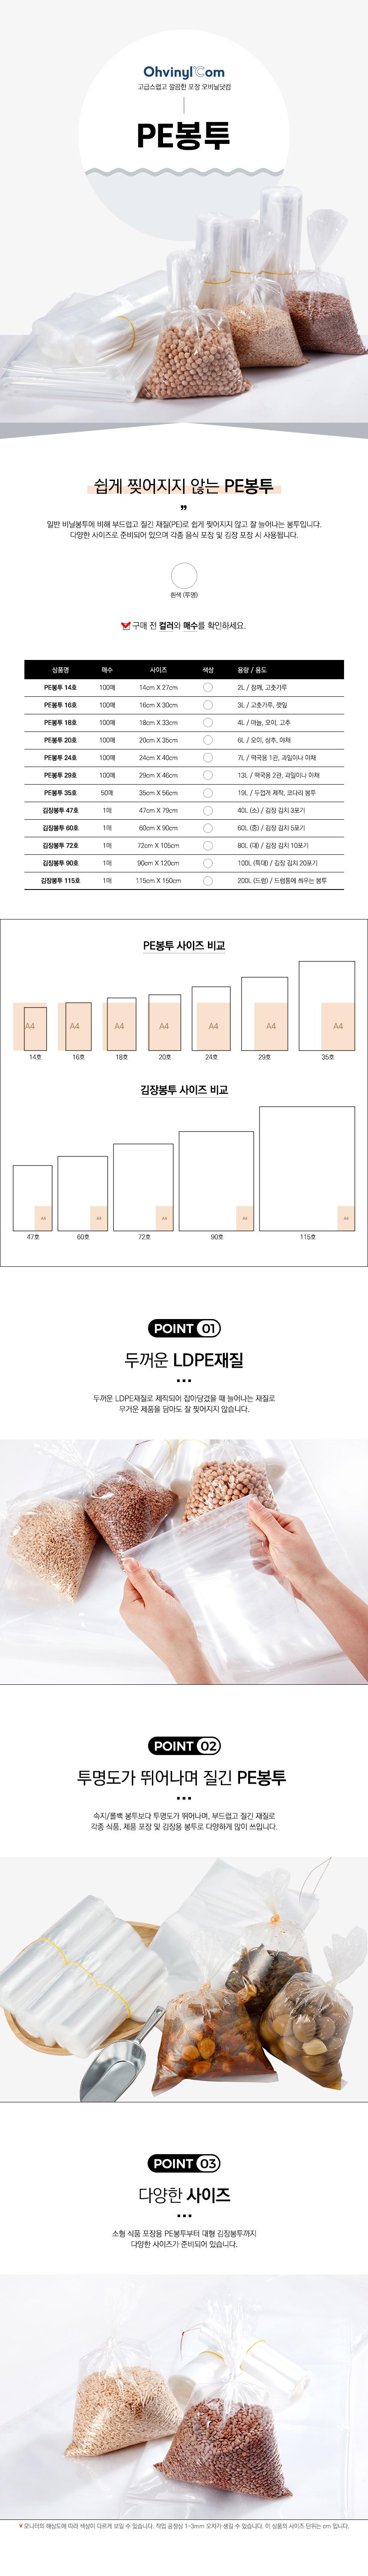 김장봉투 90호 (90x120) 흰색(투명) 1매 - 오비닐닷컴, 1,080원, 음식보관, 비닐류